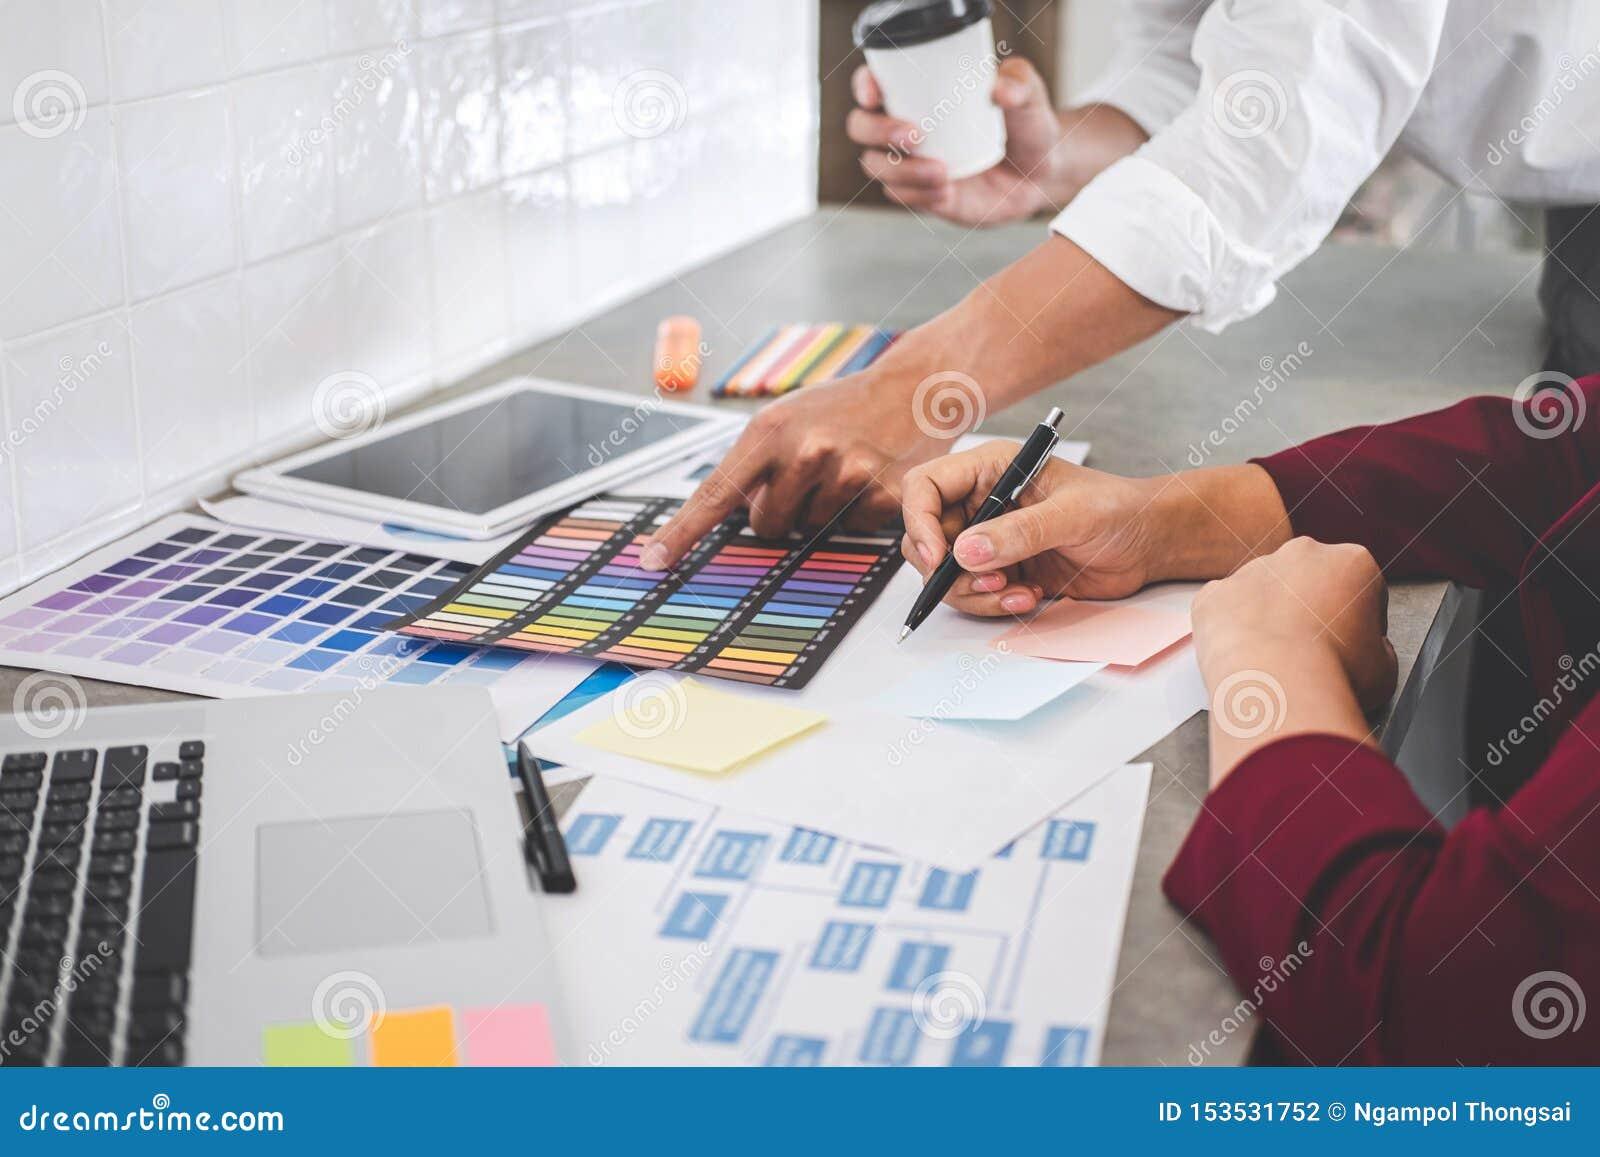 一起研究项目的年轻创造性的设计师配合和选择颜色选择着色的样片样品在数字